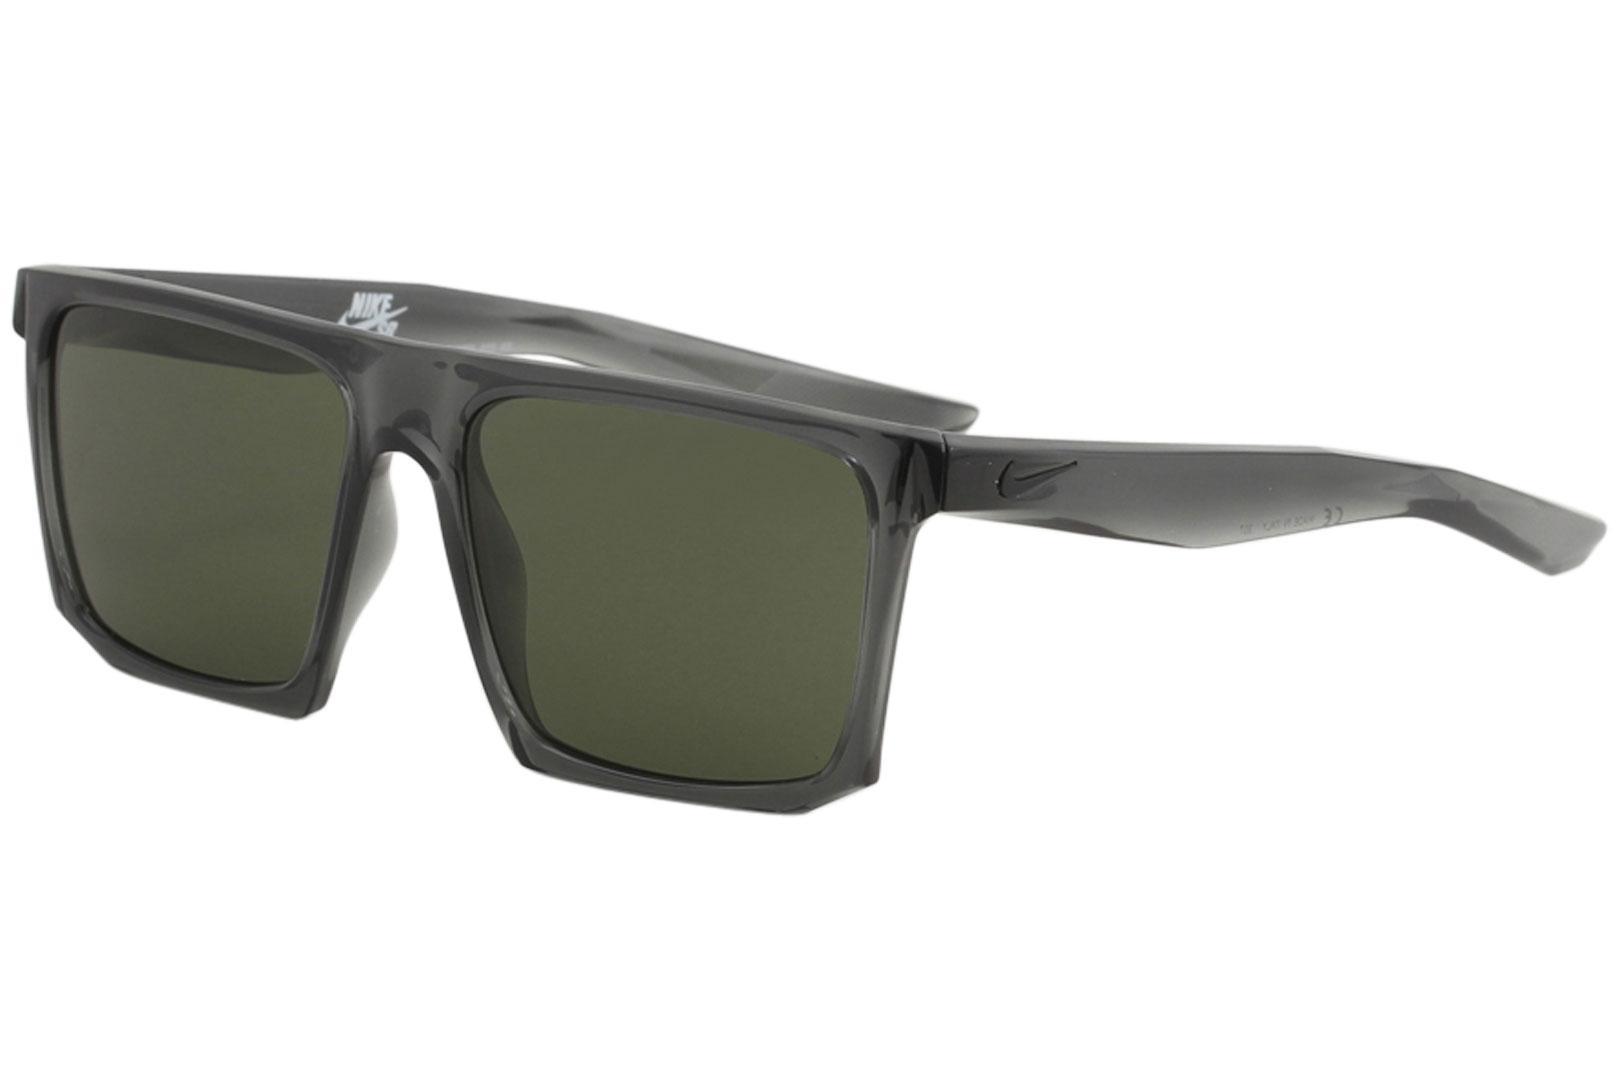 Image of Nike SB Men's Ledge EV1058 EV/1058 Sport Square Sunglasses - Anthracite/Green   003 - Lens 56 Bridge 16 Temple 145mm